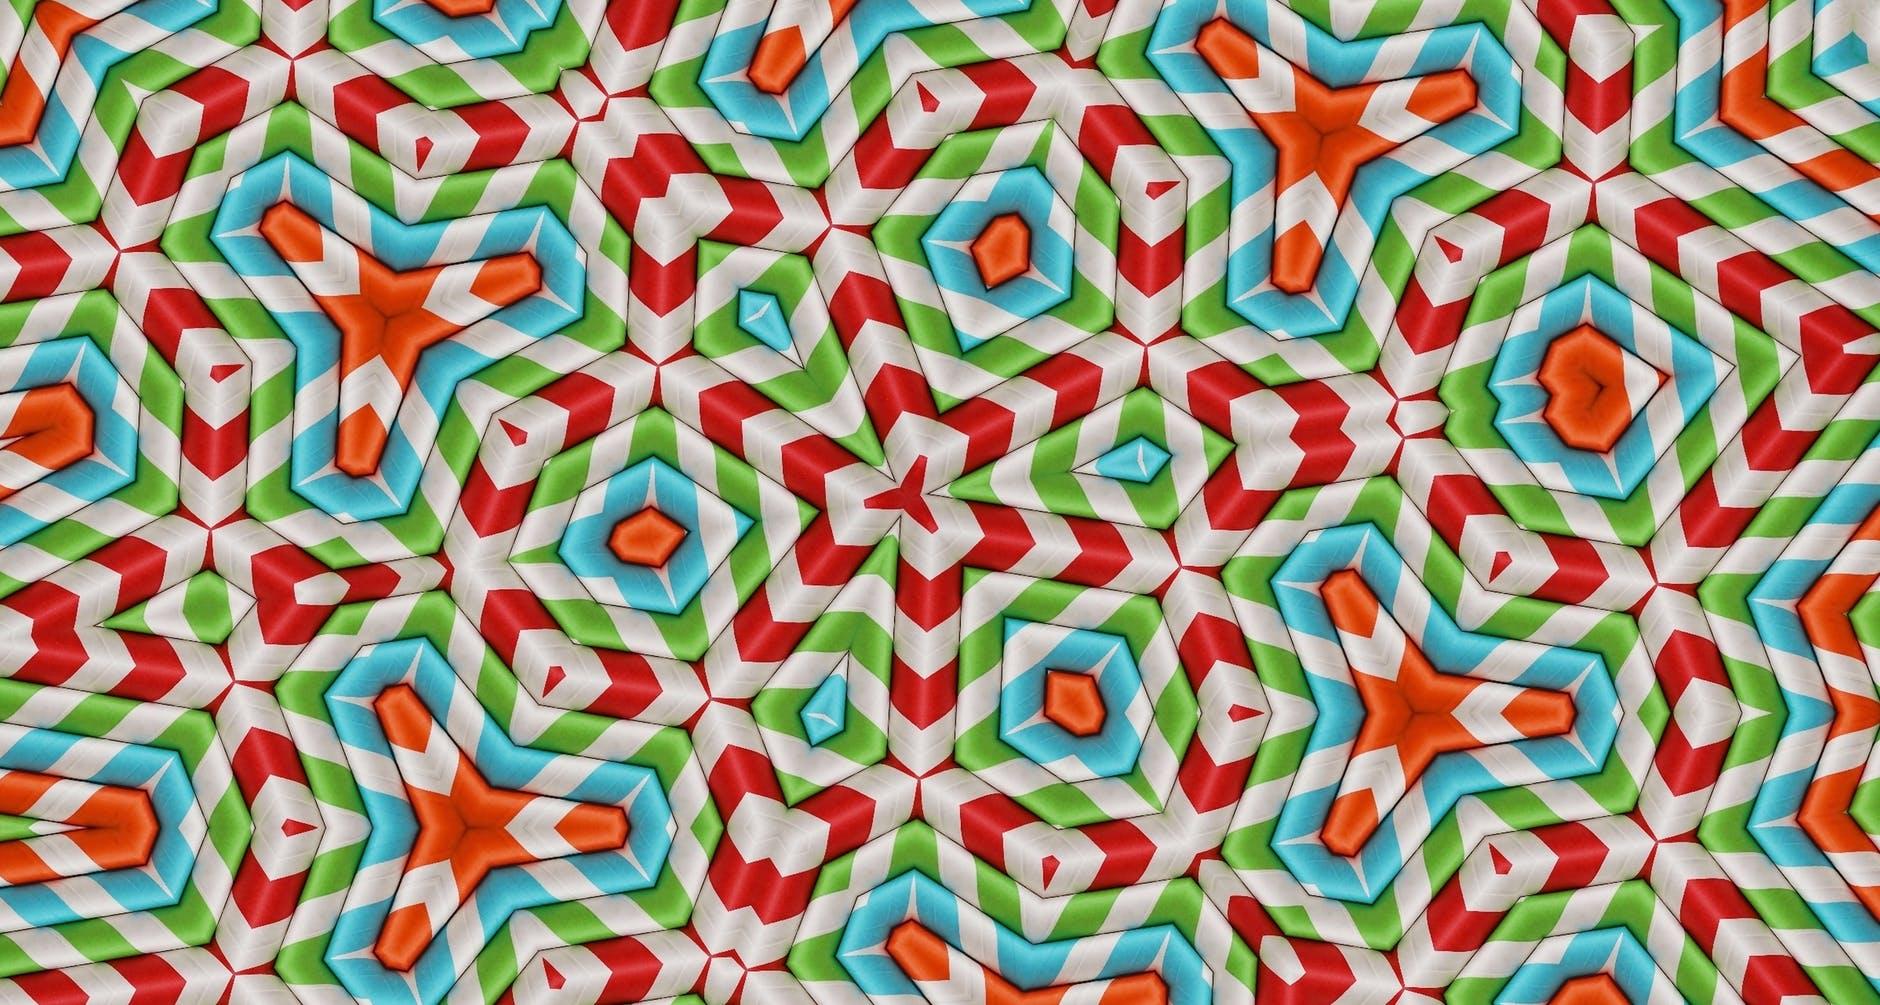 fantastic hd Confetti Wallpaper